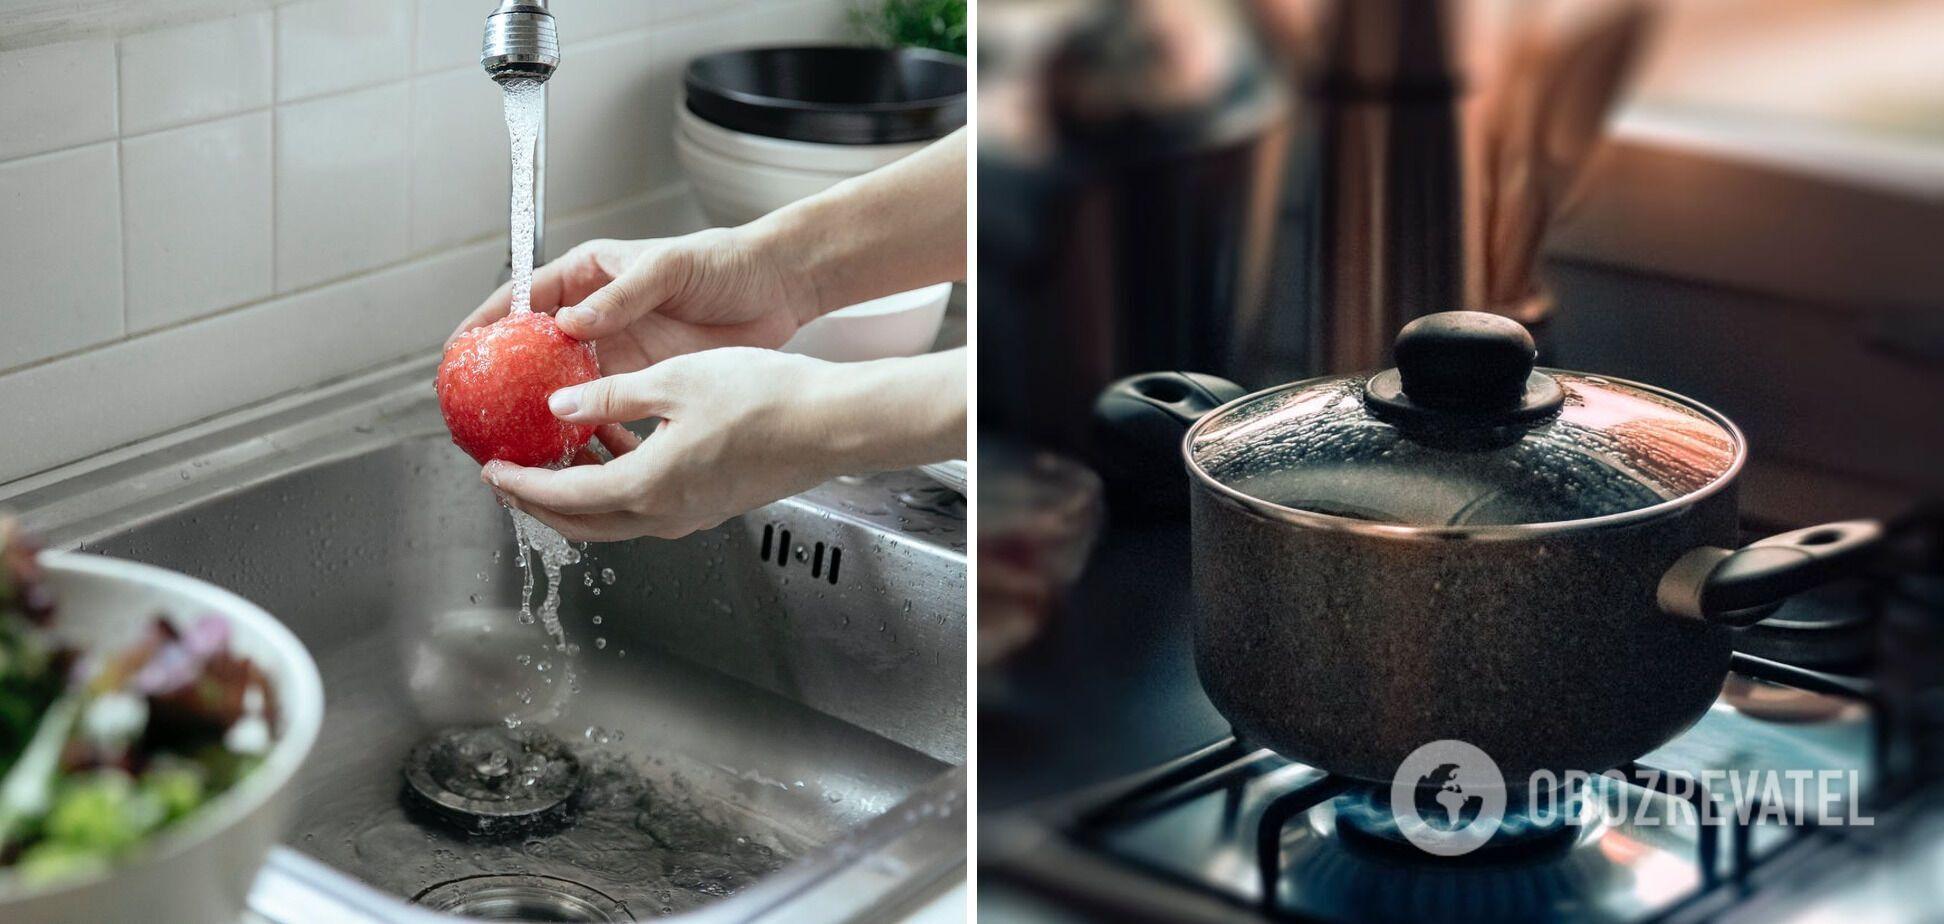 Використання води в приготуванні